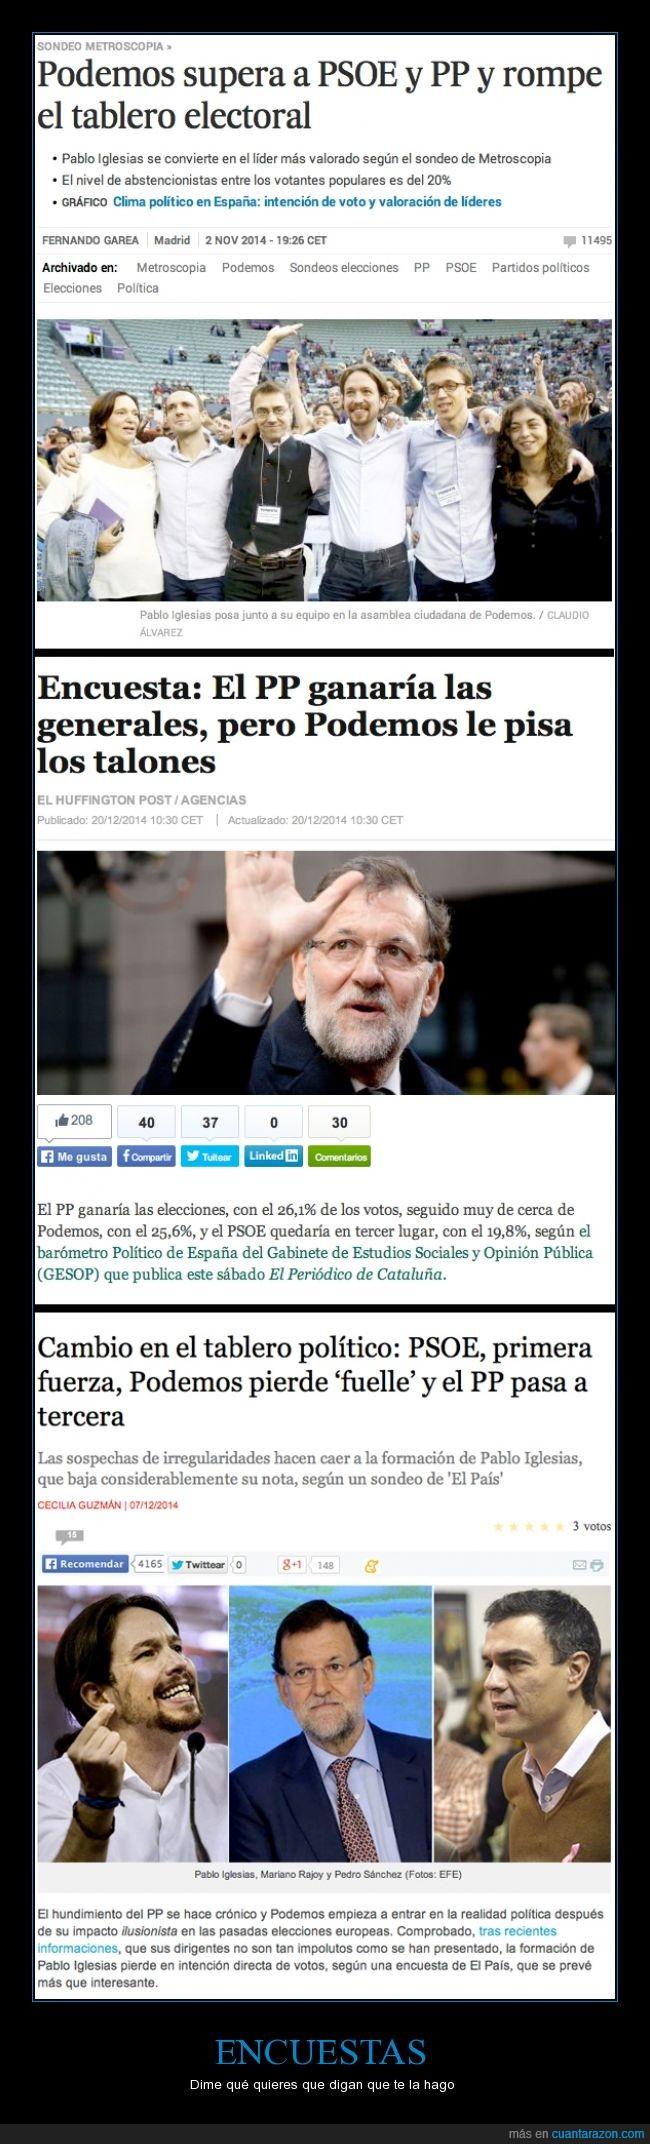 comienza el circo preelectoral,elecciones,encuesta,estadística,podemos,política,pp,psoe